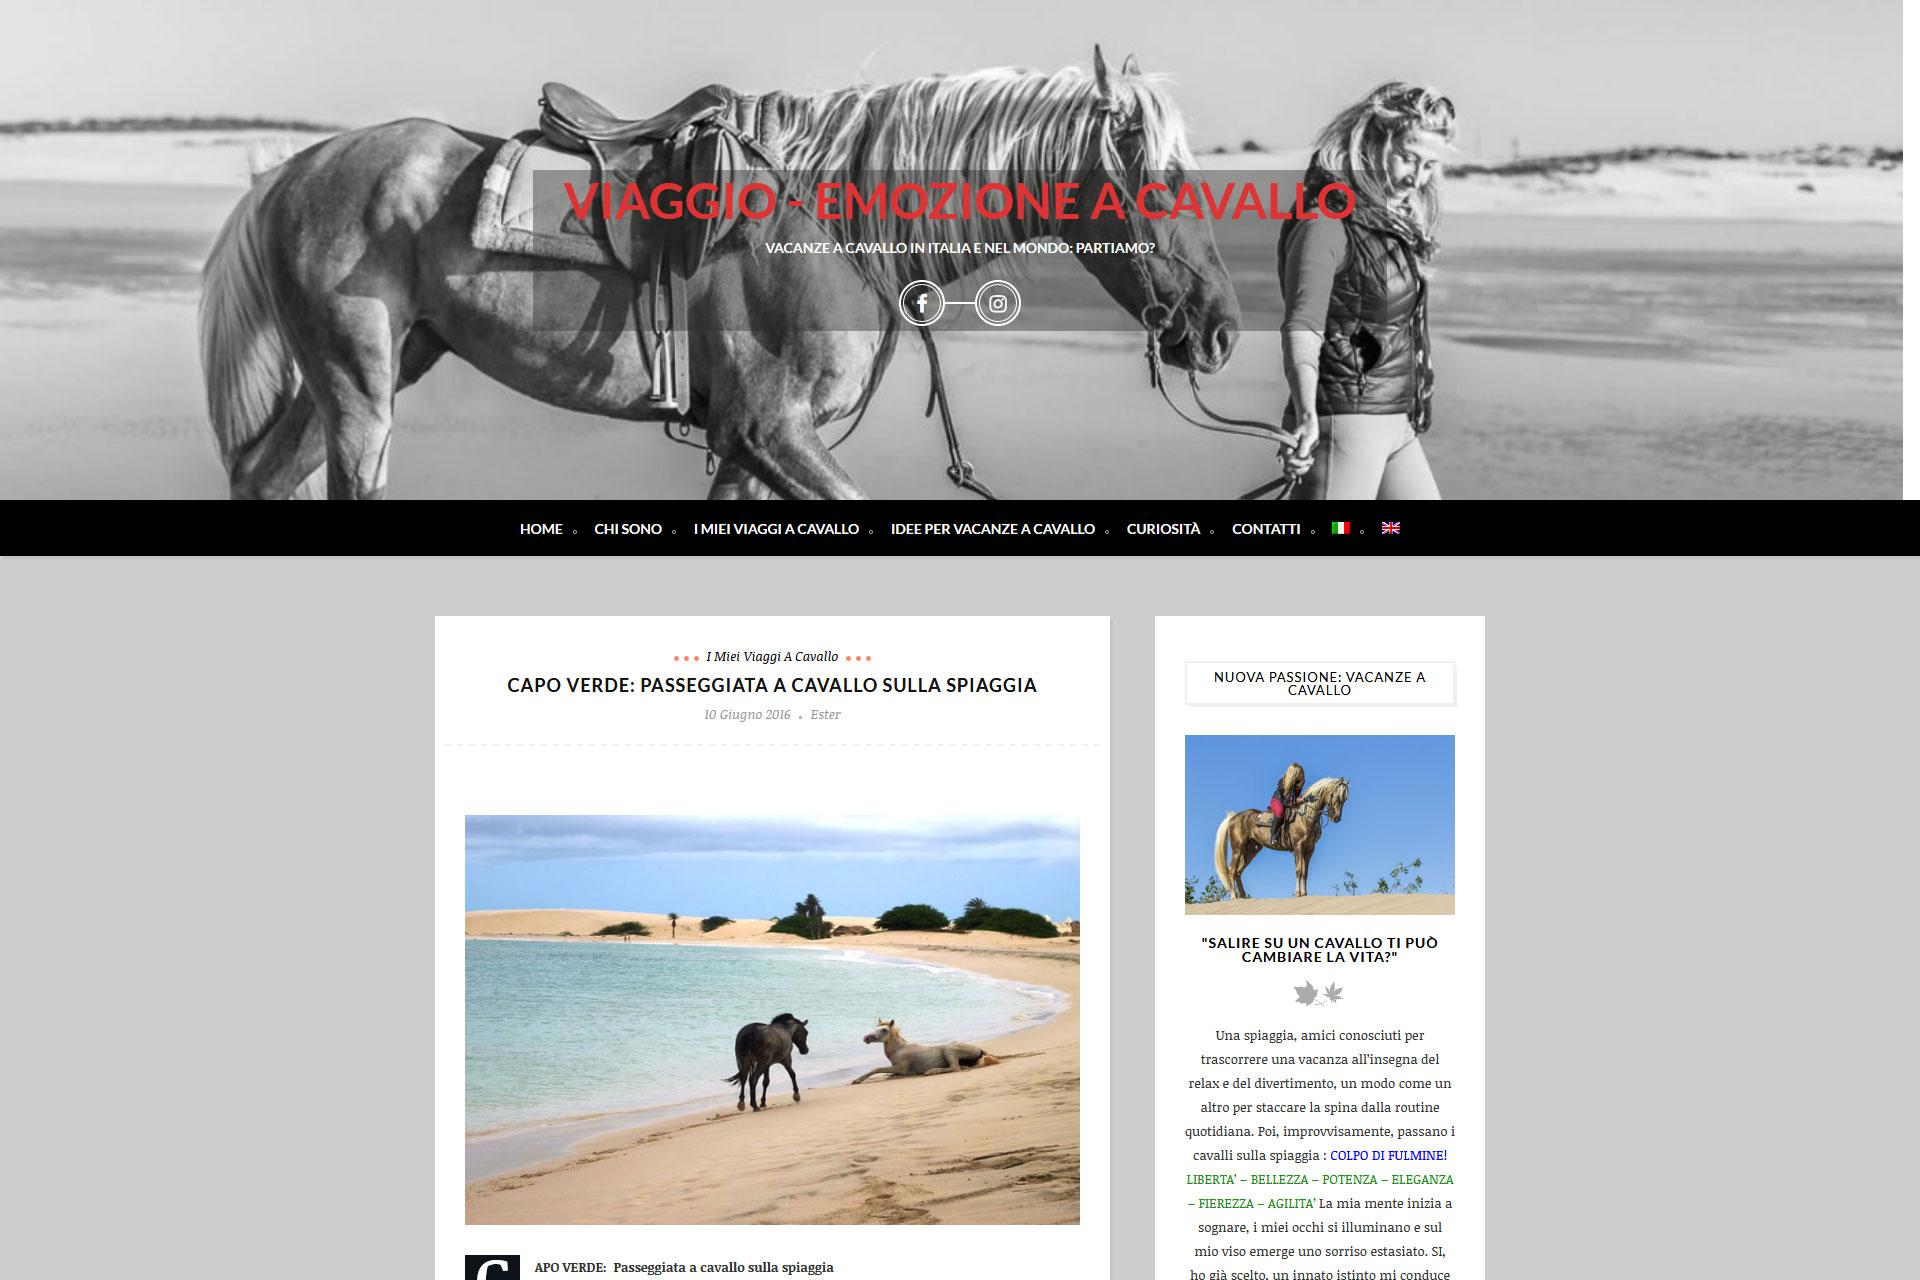 lv-design-realizzazione-siti-web-bologna-portfolio-viaggio-emozione-a-cavallo-slide-2